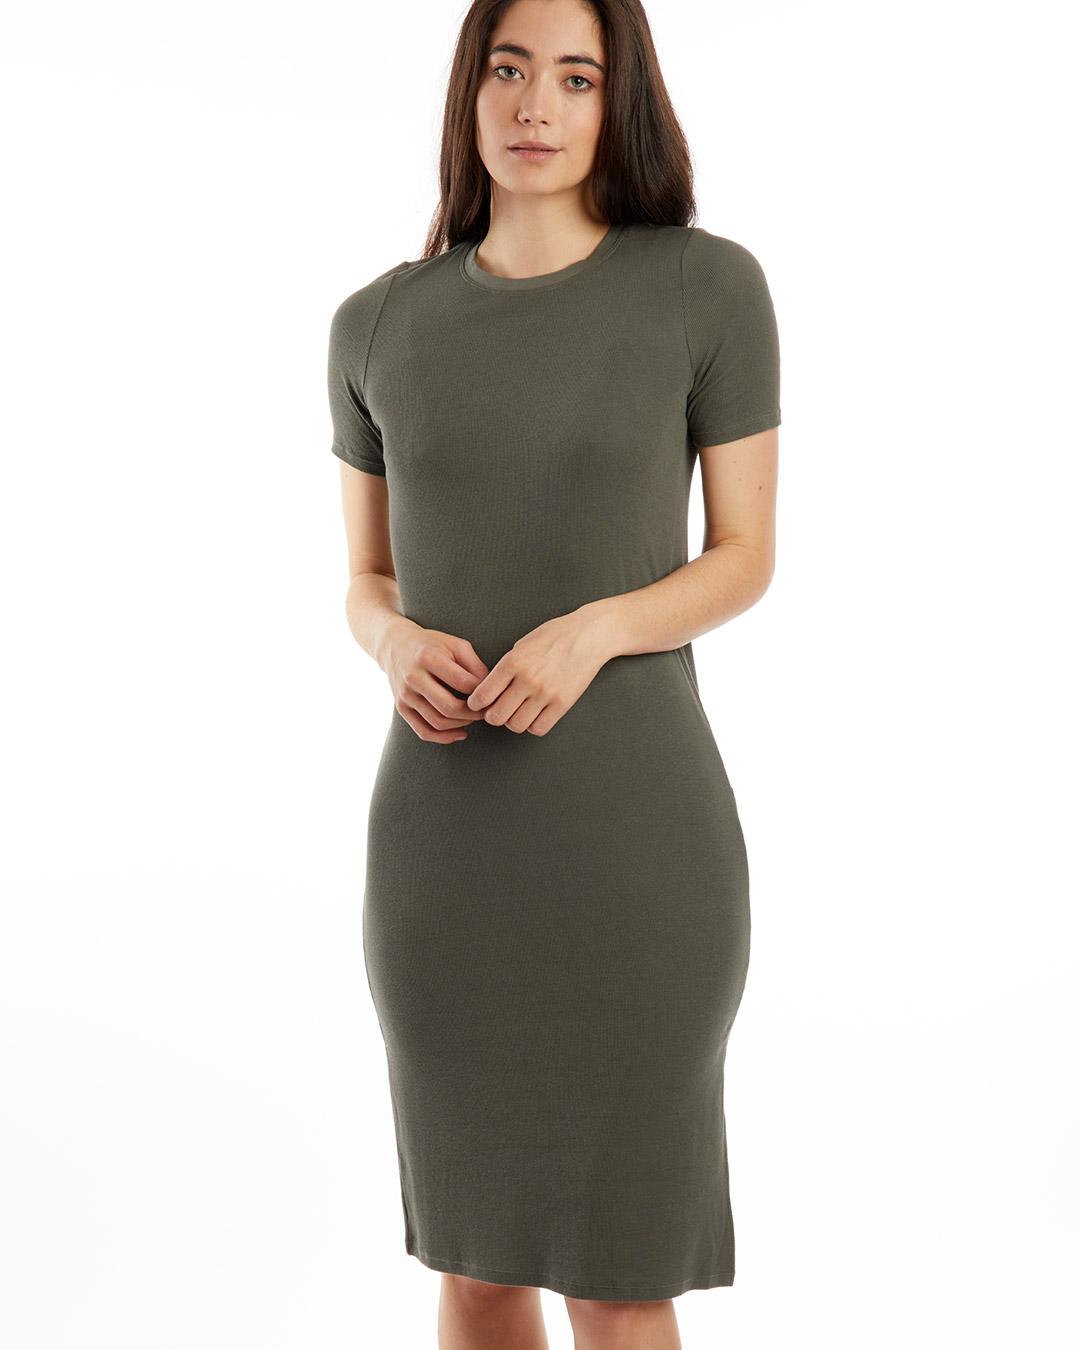 paper-label-shiloh-dress-ash-green-front-dianes-lingerie-vancouver-1080x1350